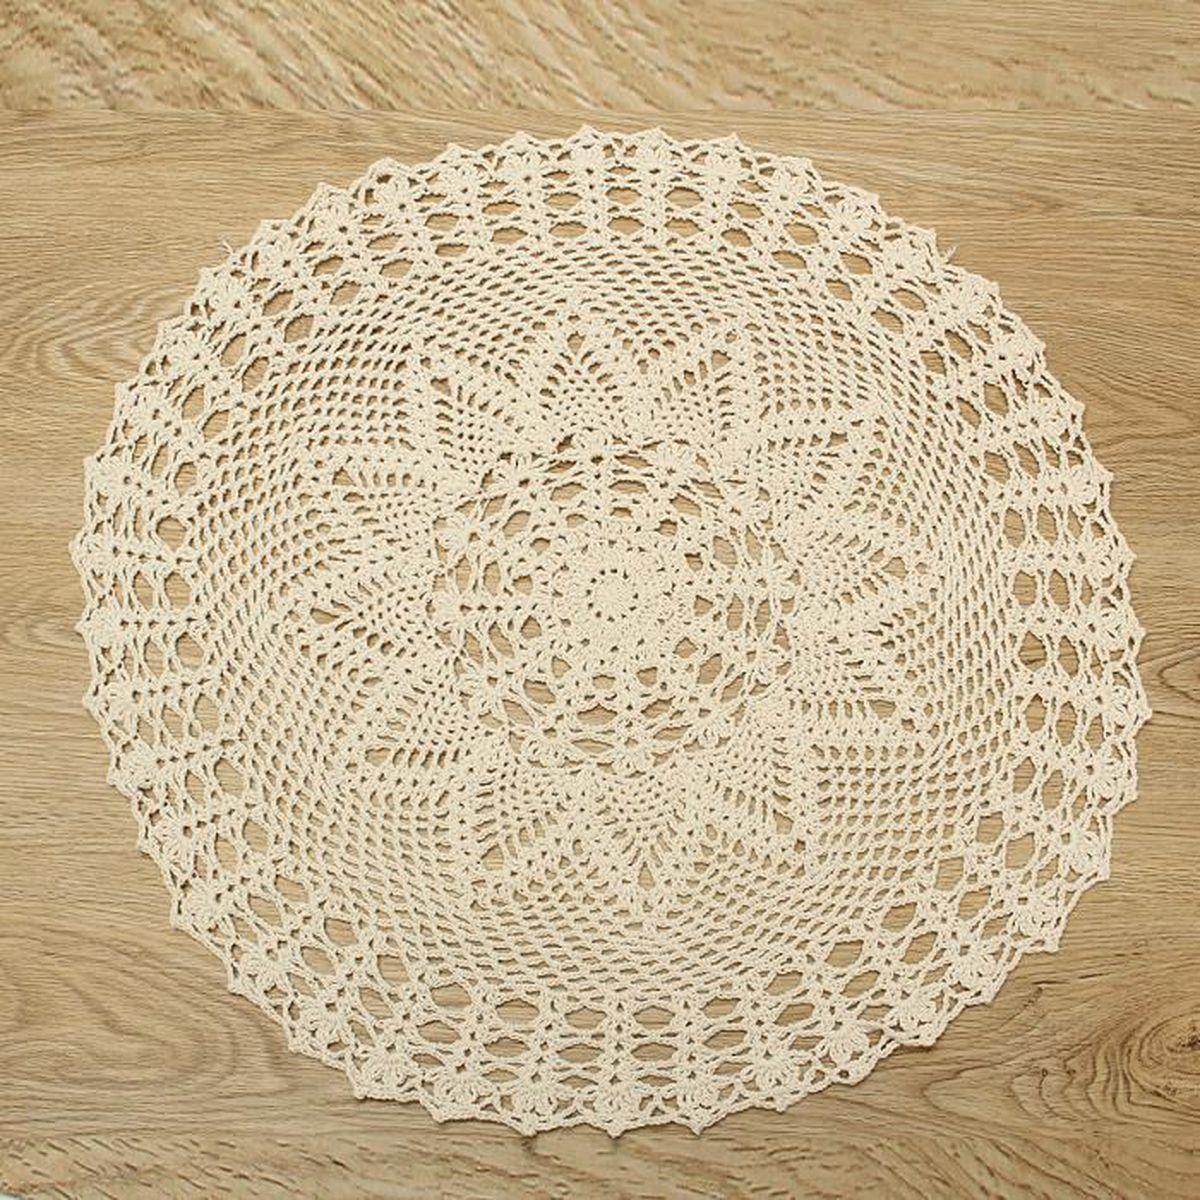 Grand Napperon Au Crochet dedans tempsa 55cm napperon dentelle crochet fait main rond mariage maison